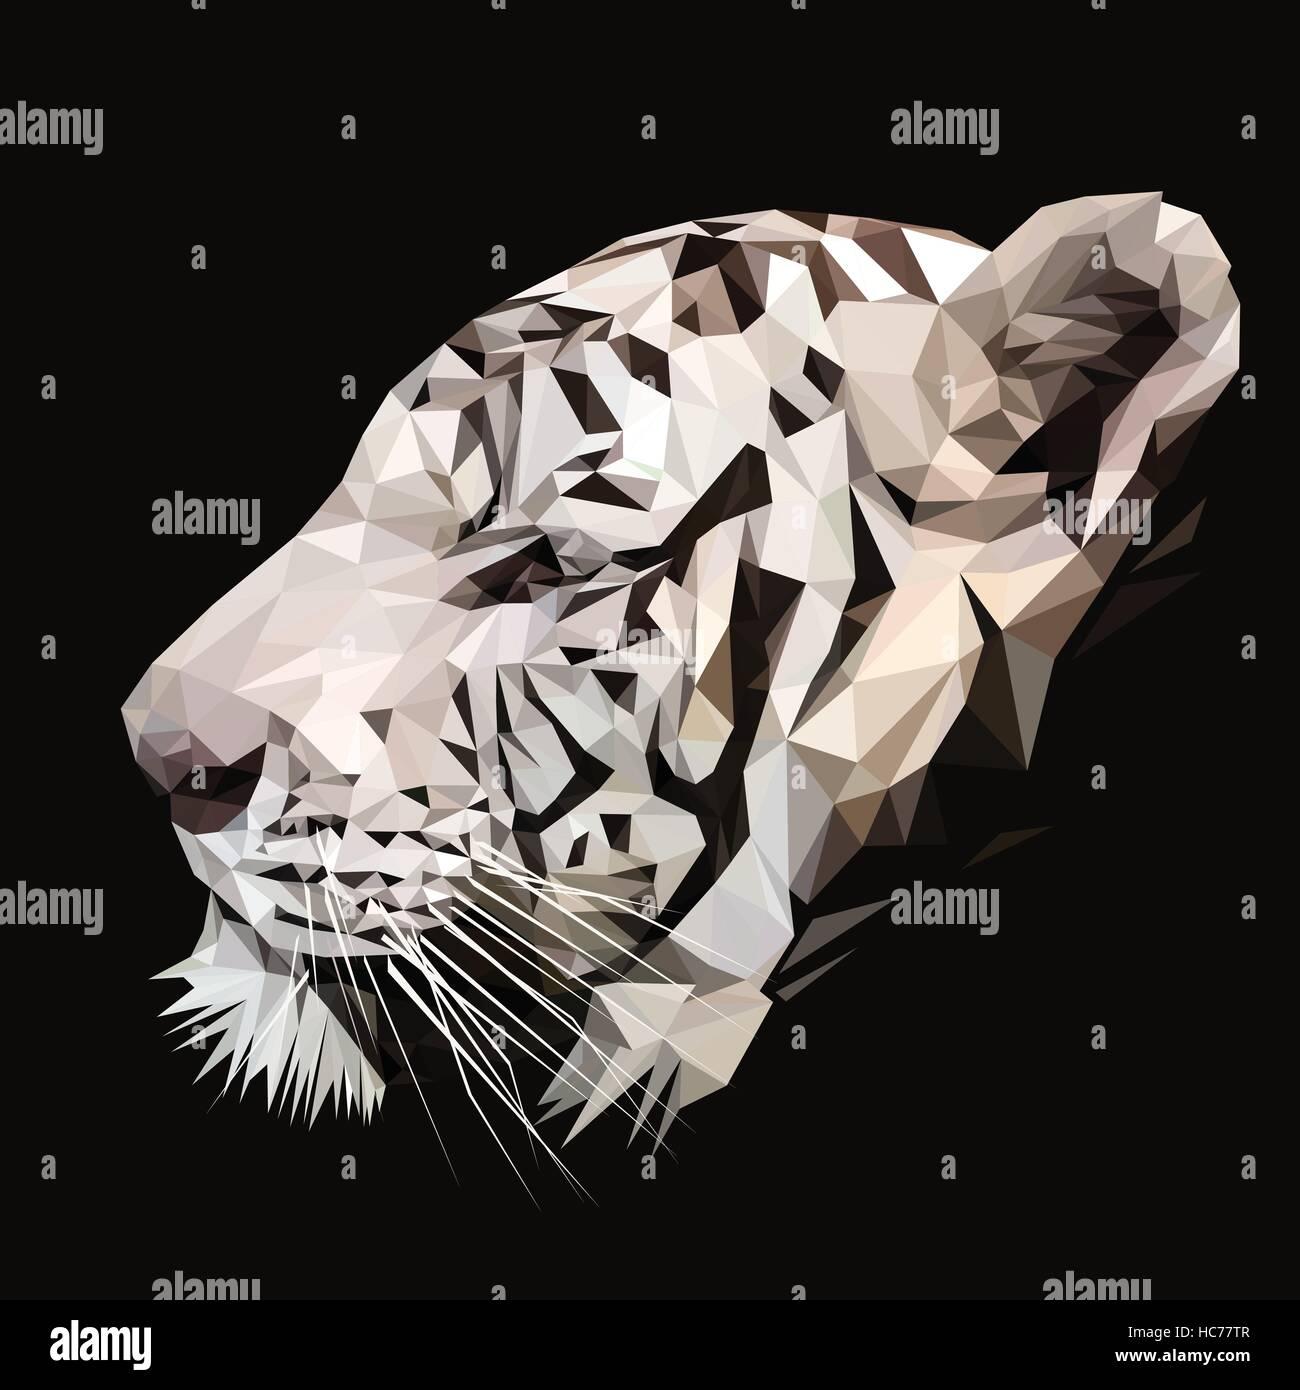 La tigre bianca bassa poli design. triangolo illustrazione